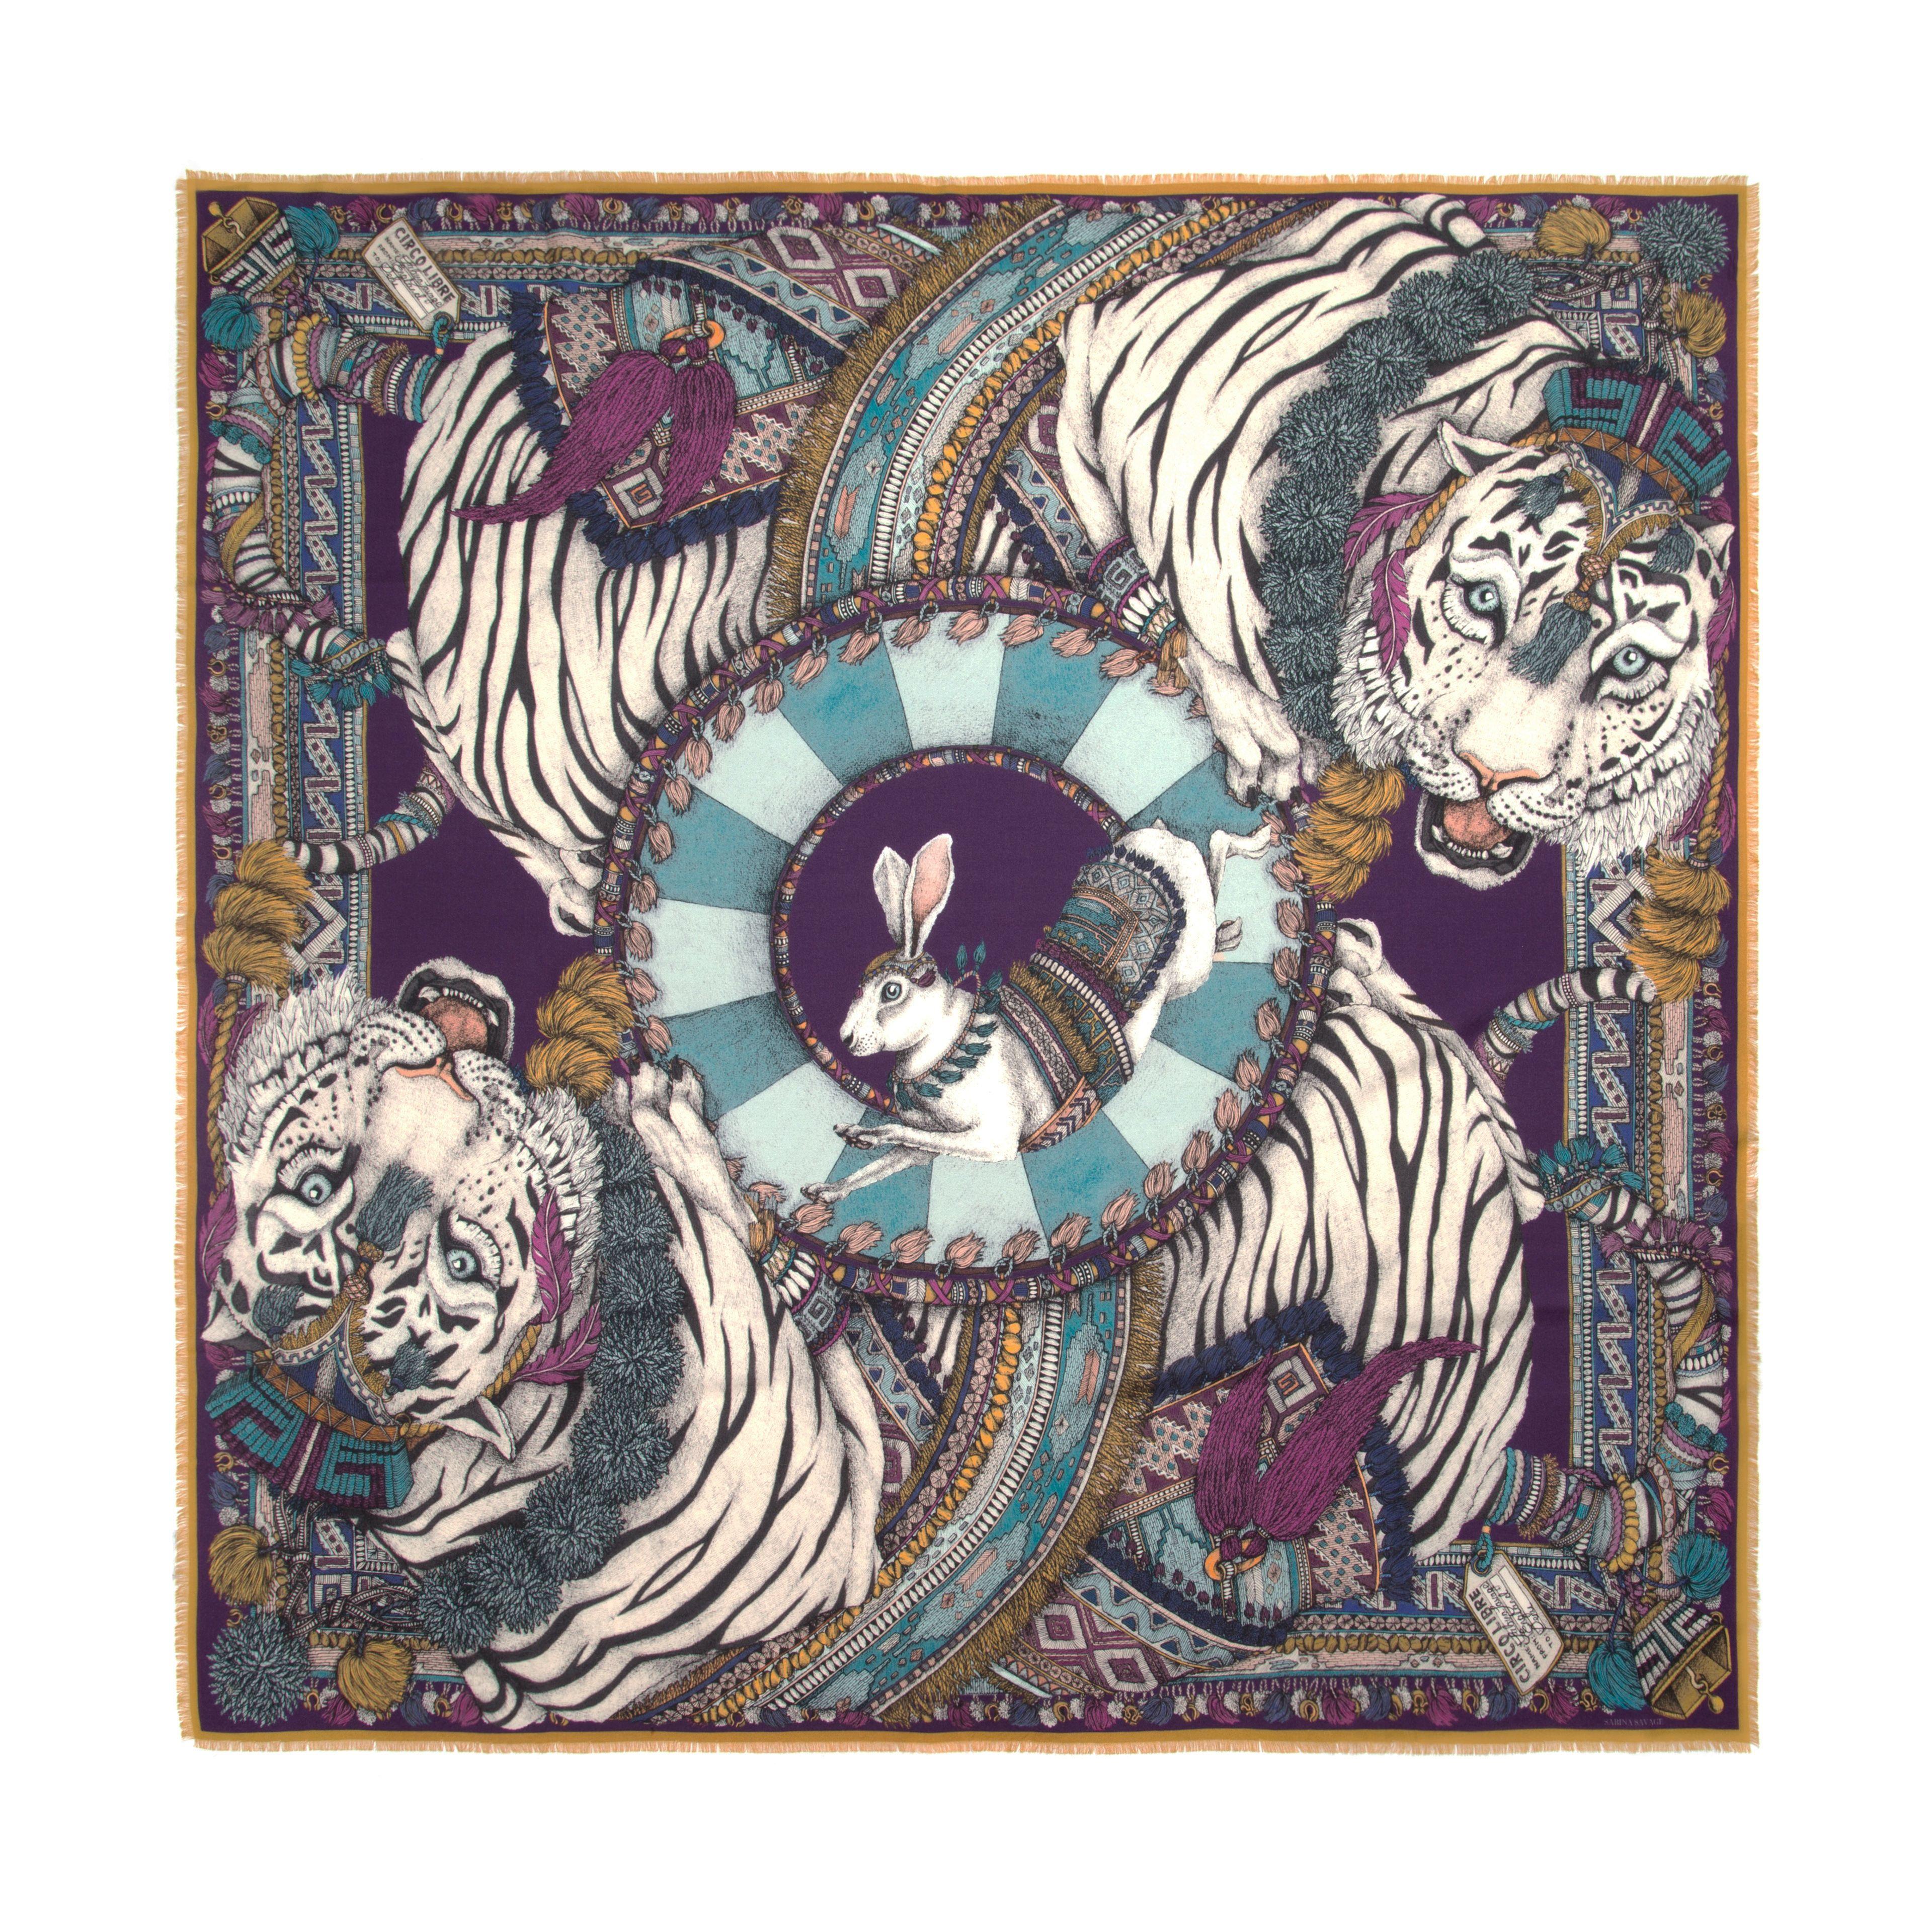 SABINA SAVAGE - The Tasseled Tigers Aqua/Aubergine Luxury scarf design